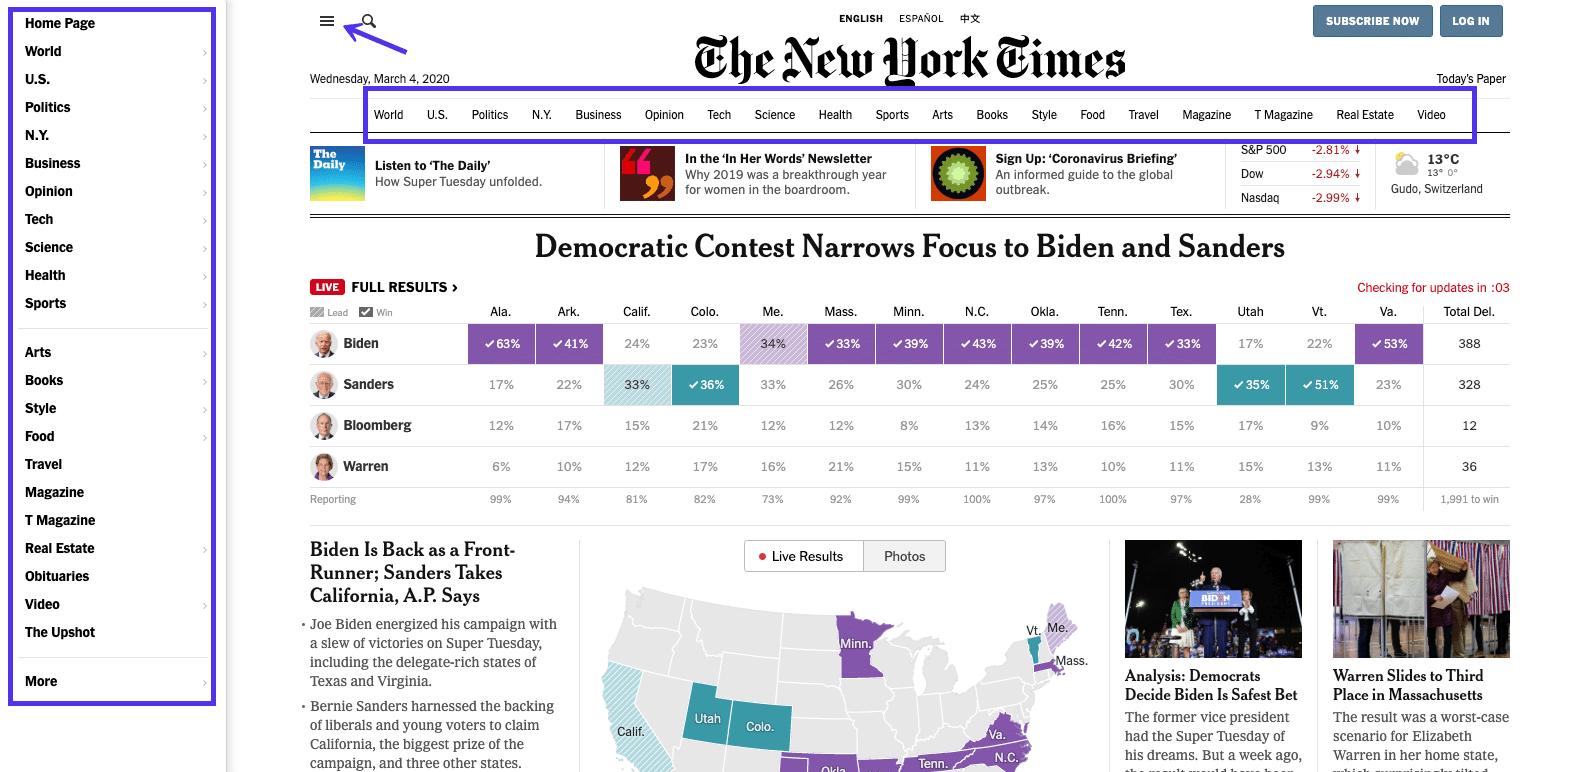 Página inicial NYT - menus de cabeçalho